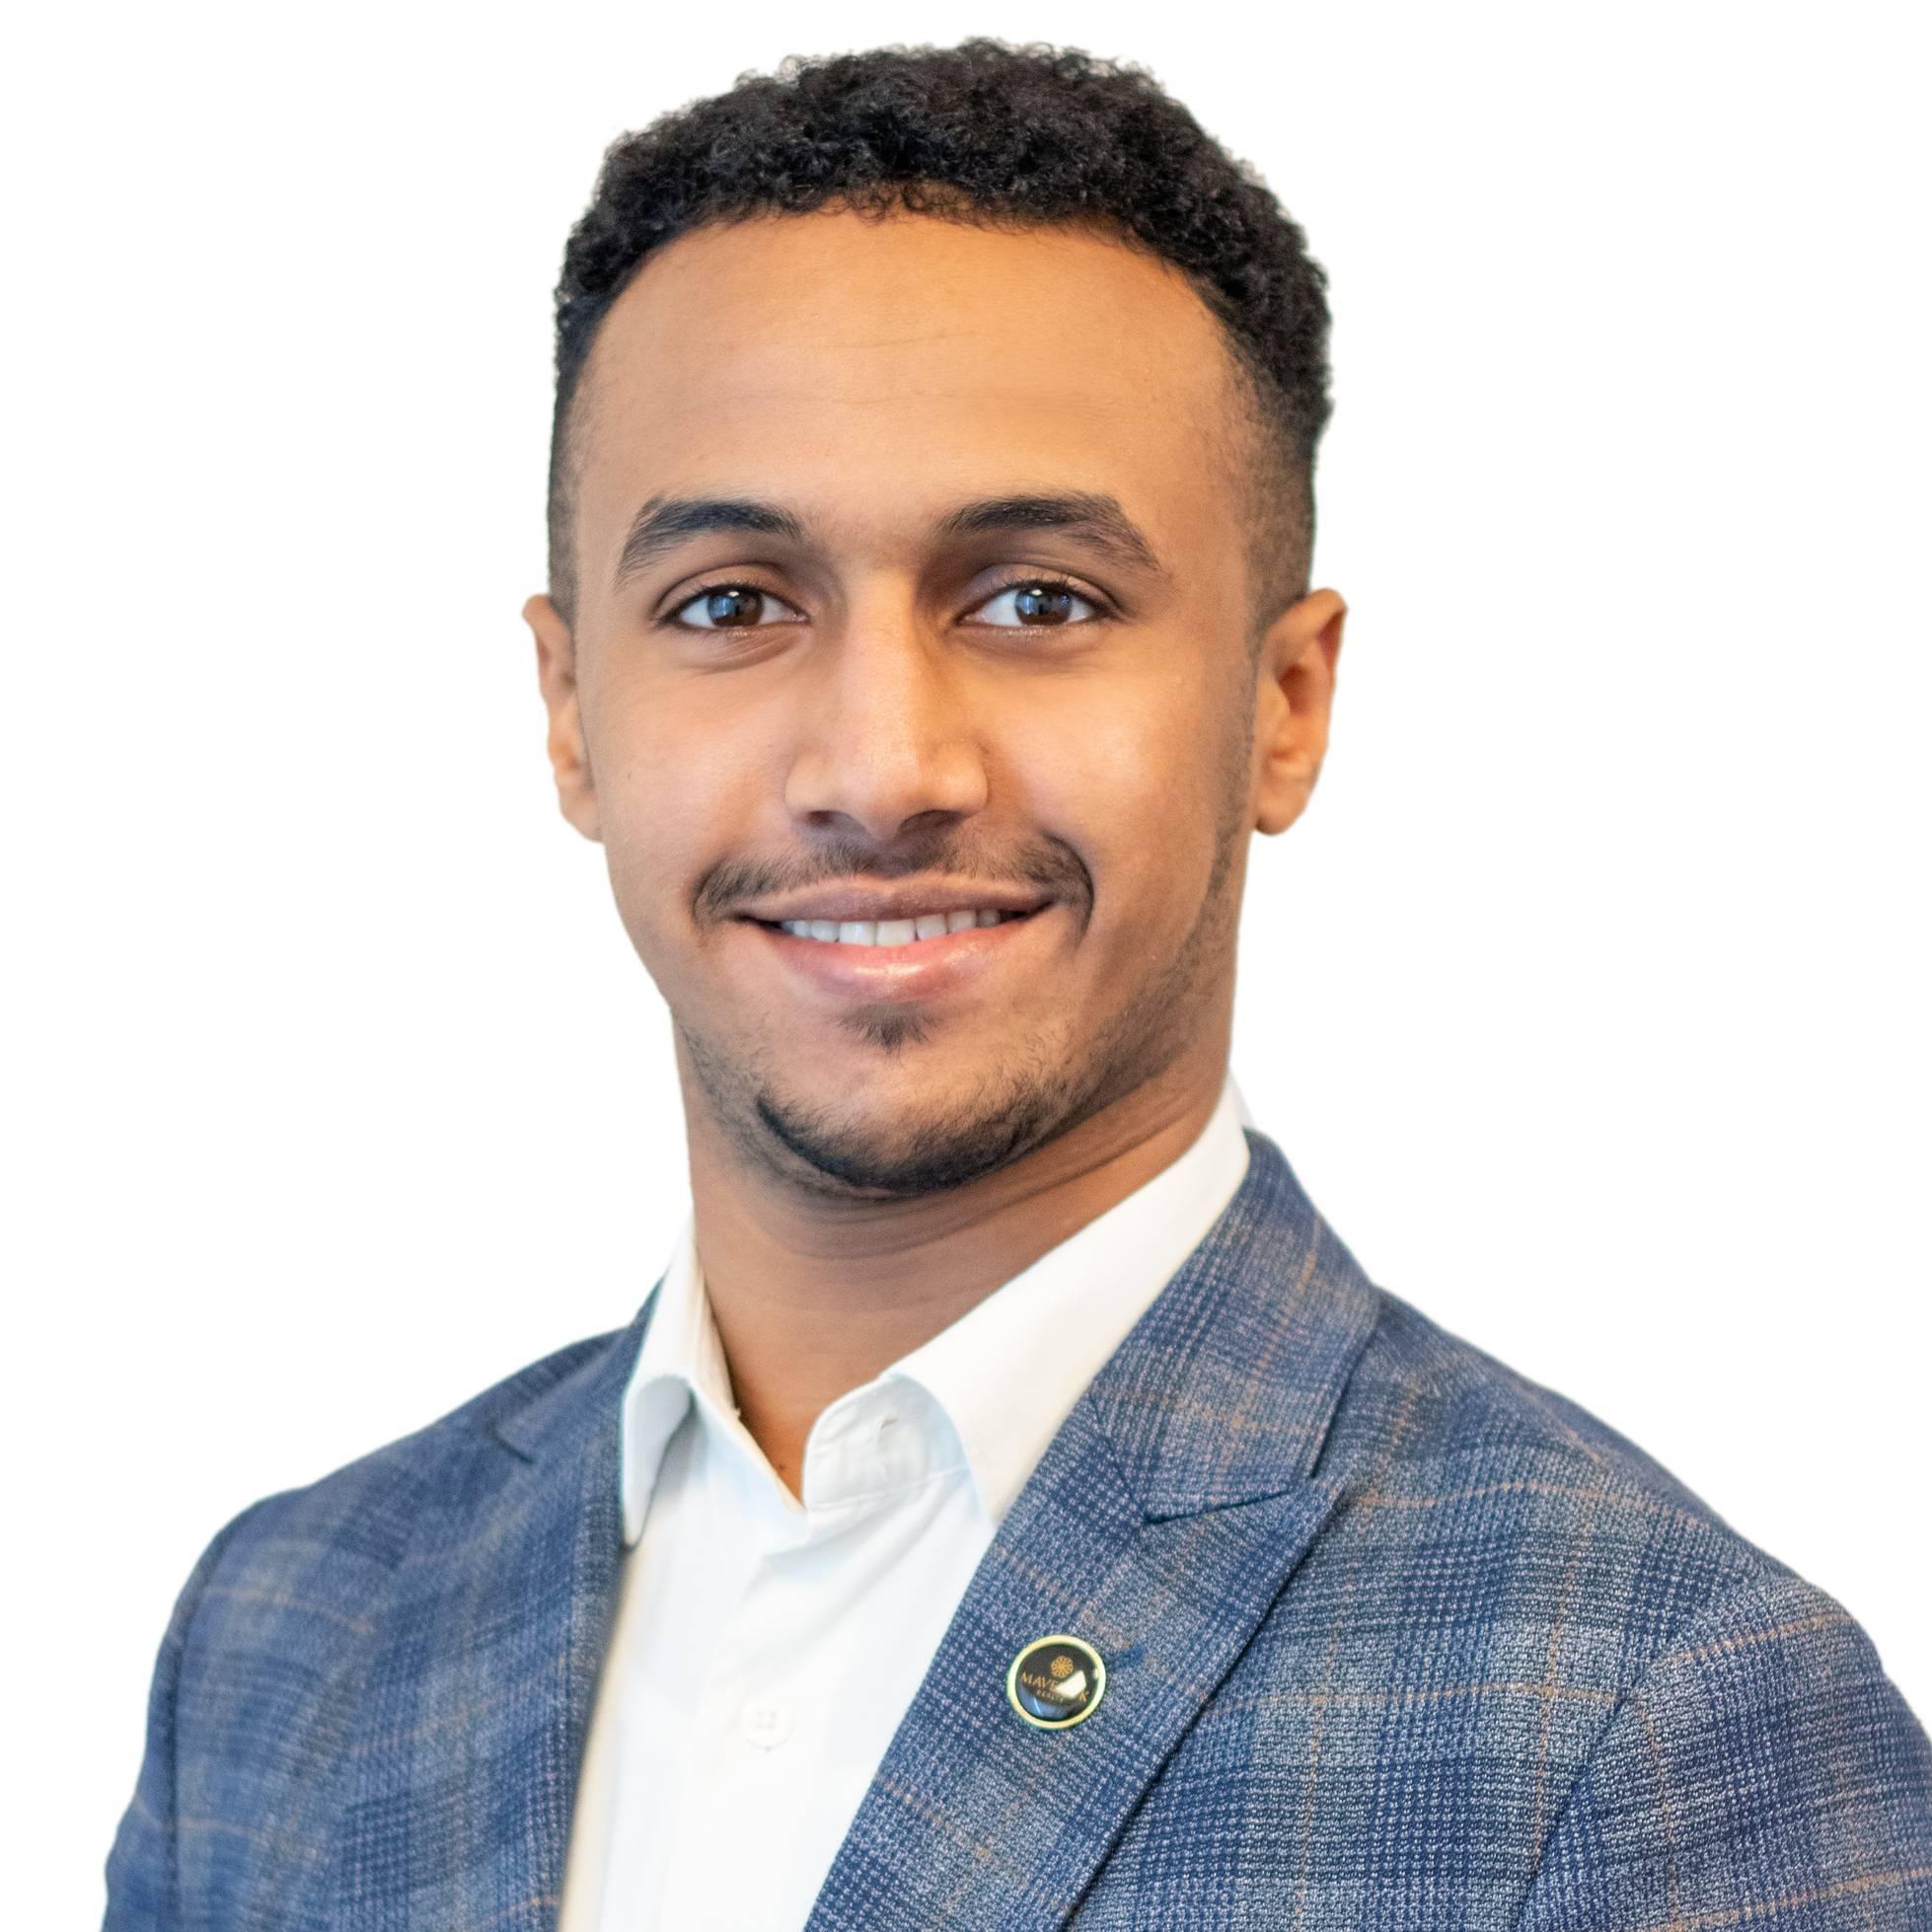 Kahsay Abdurahman